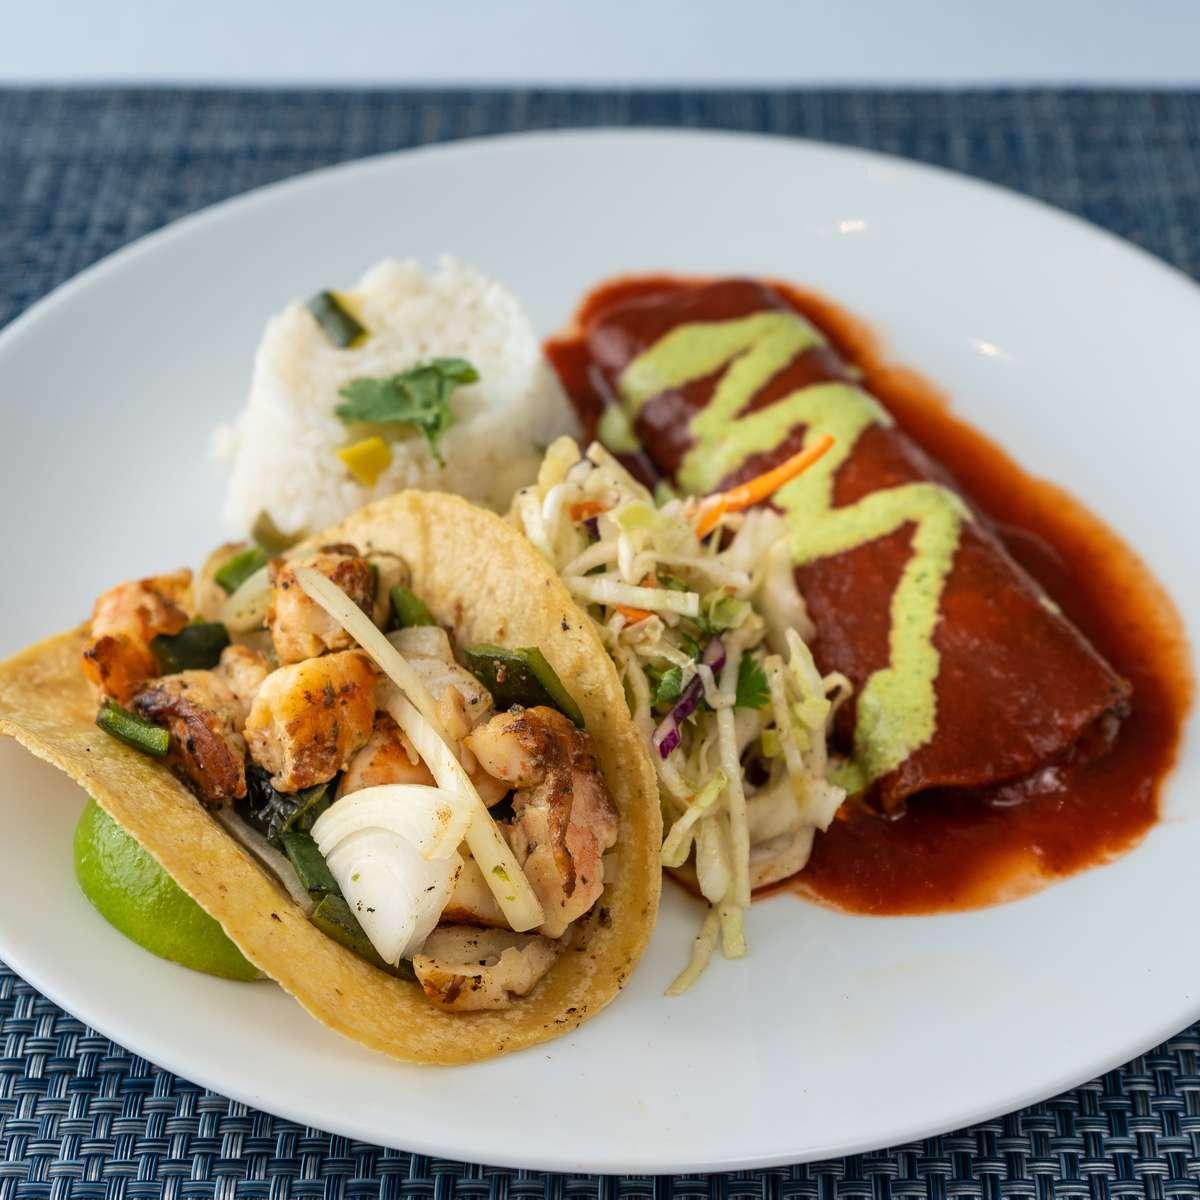 3. roja enchilada, camarón taco, mesero slaw, arroz blanco